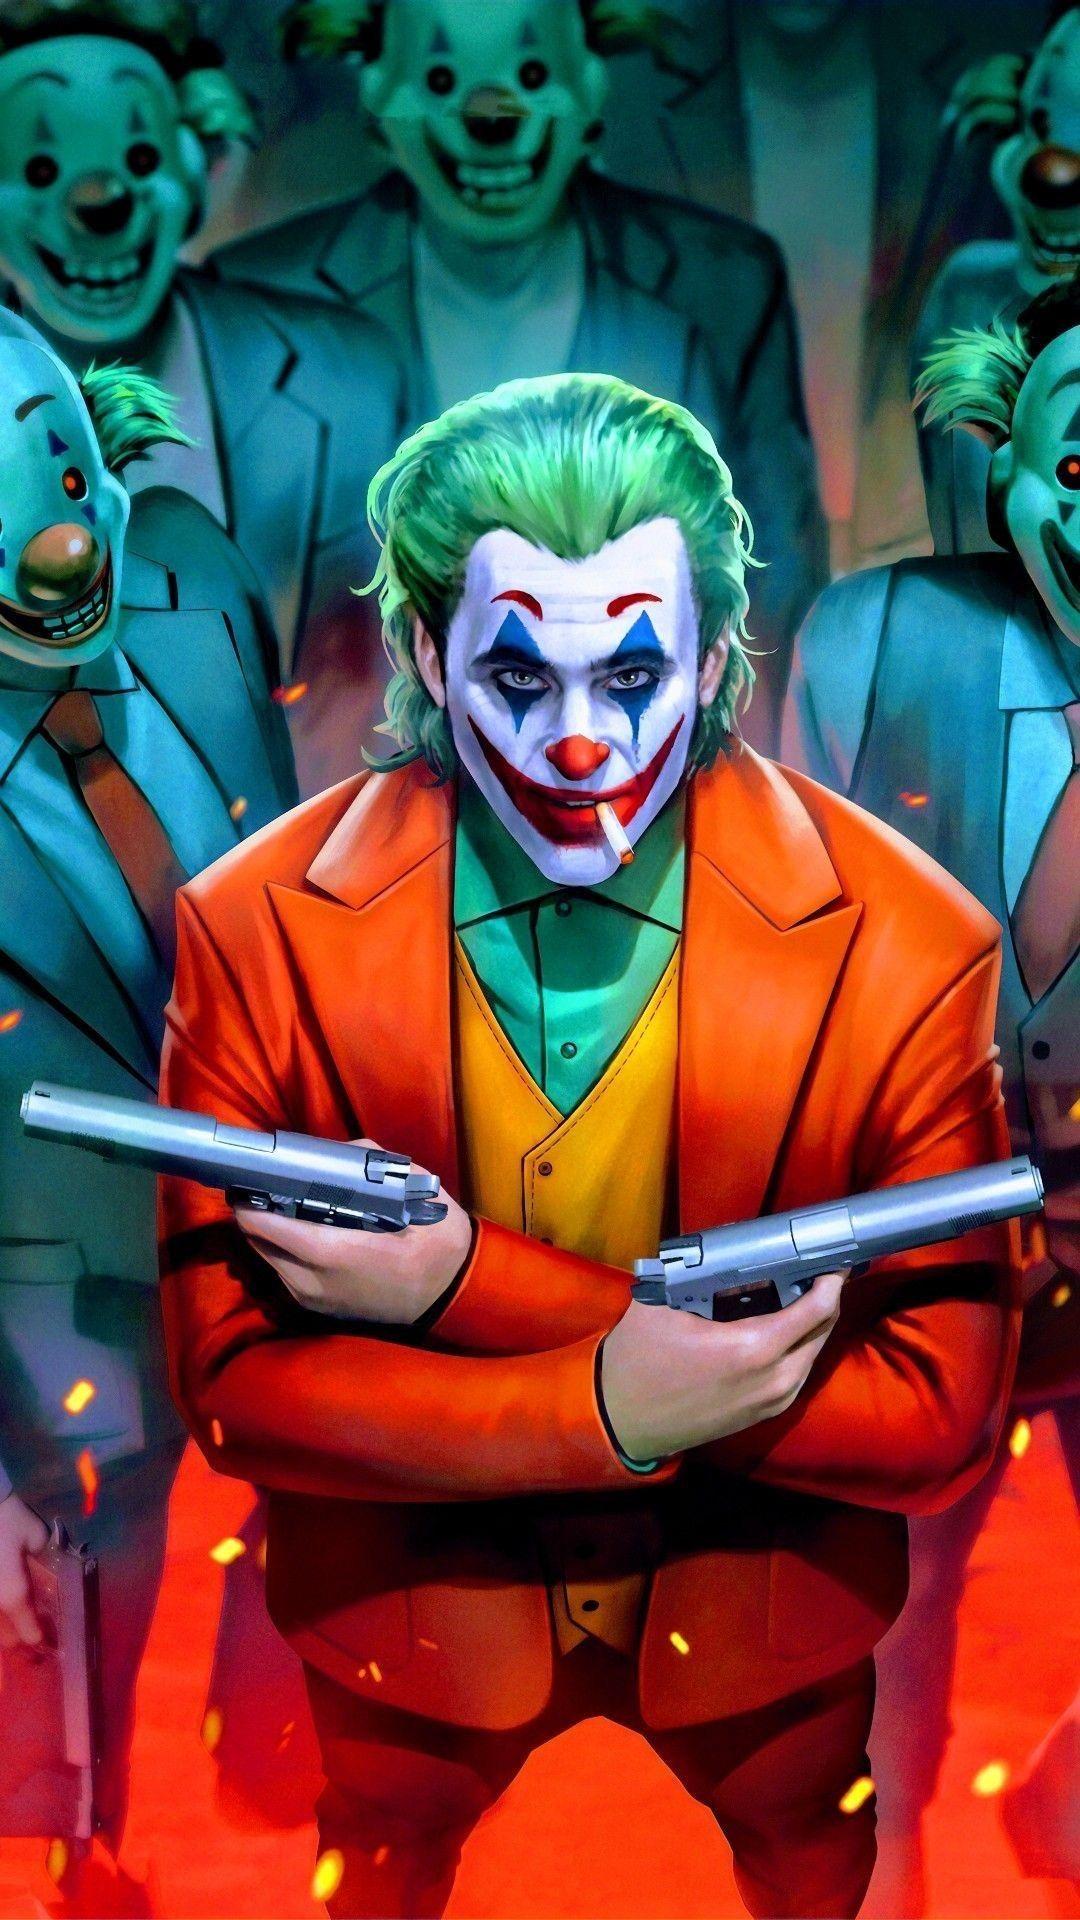 Pin by Jeanne Loves Horror💀🔪 on Joker   Joker images ...